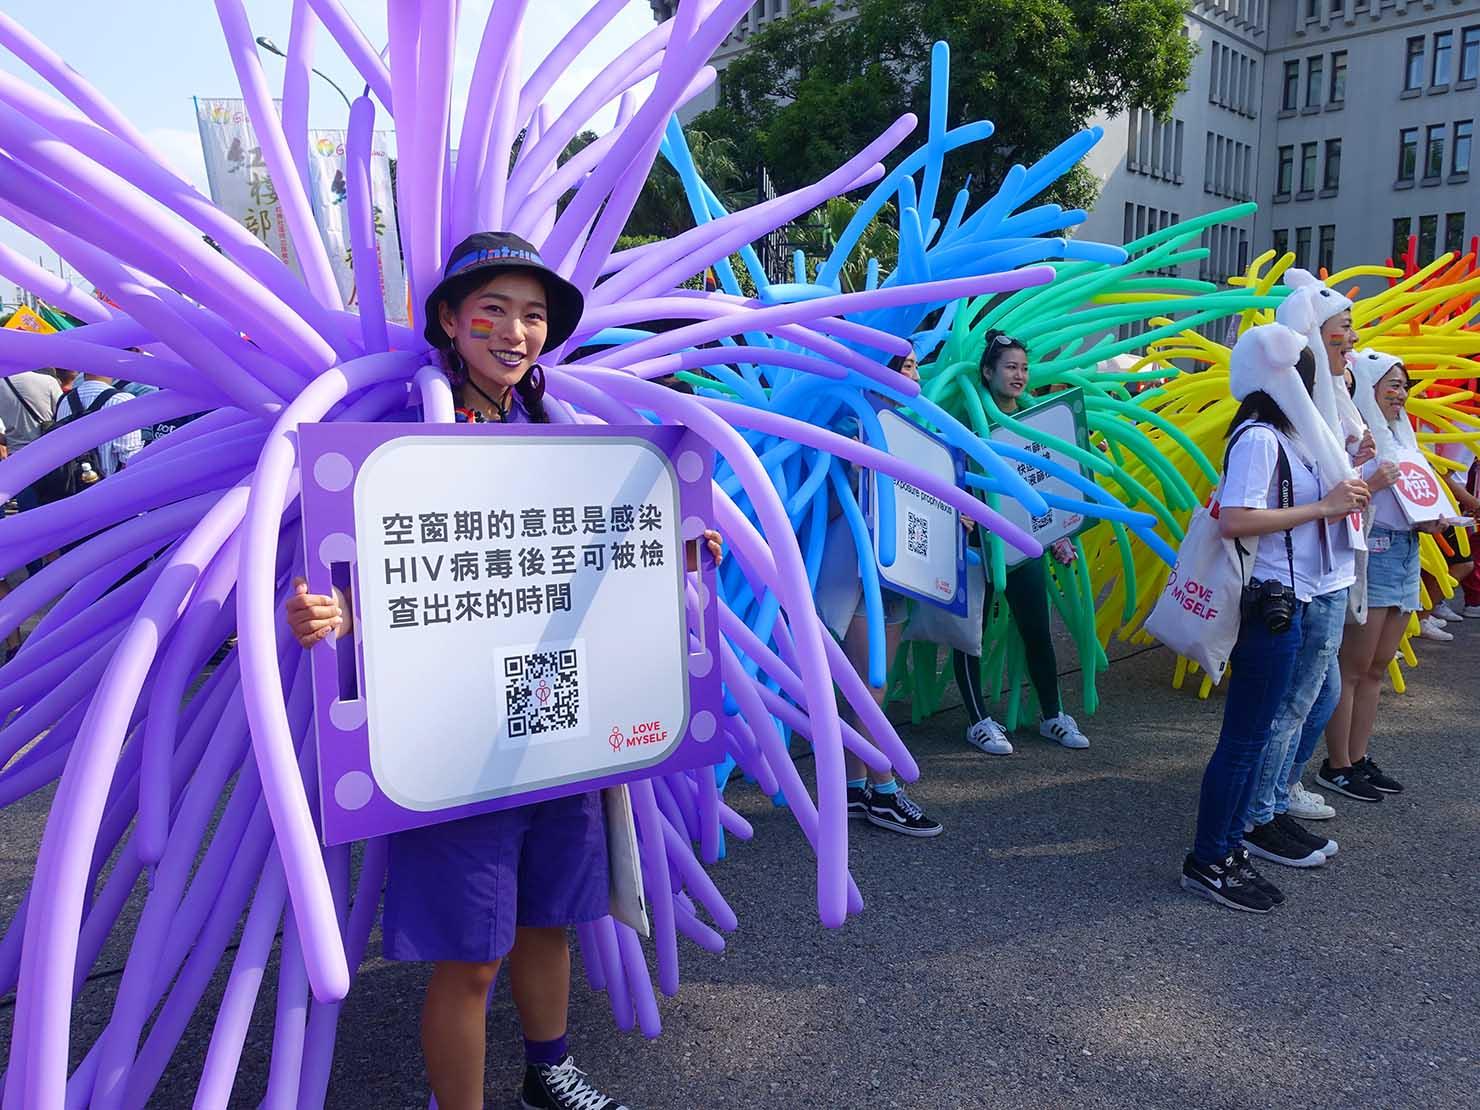 台灣同志遊行(台湾LGBTプライド)2018の会場でプラカードを掲げるお姉さん